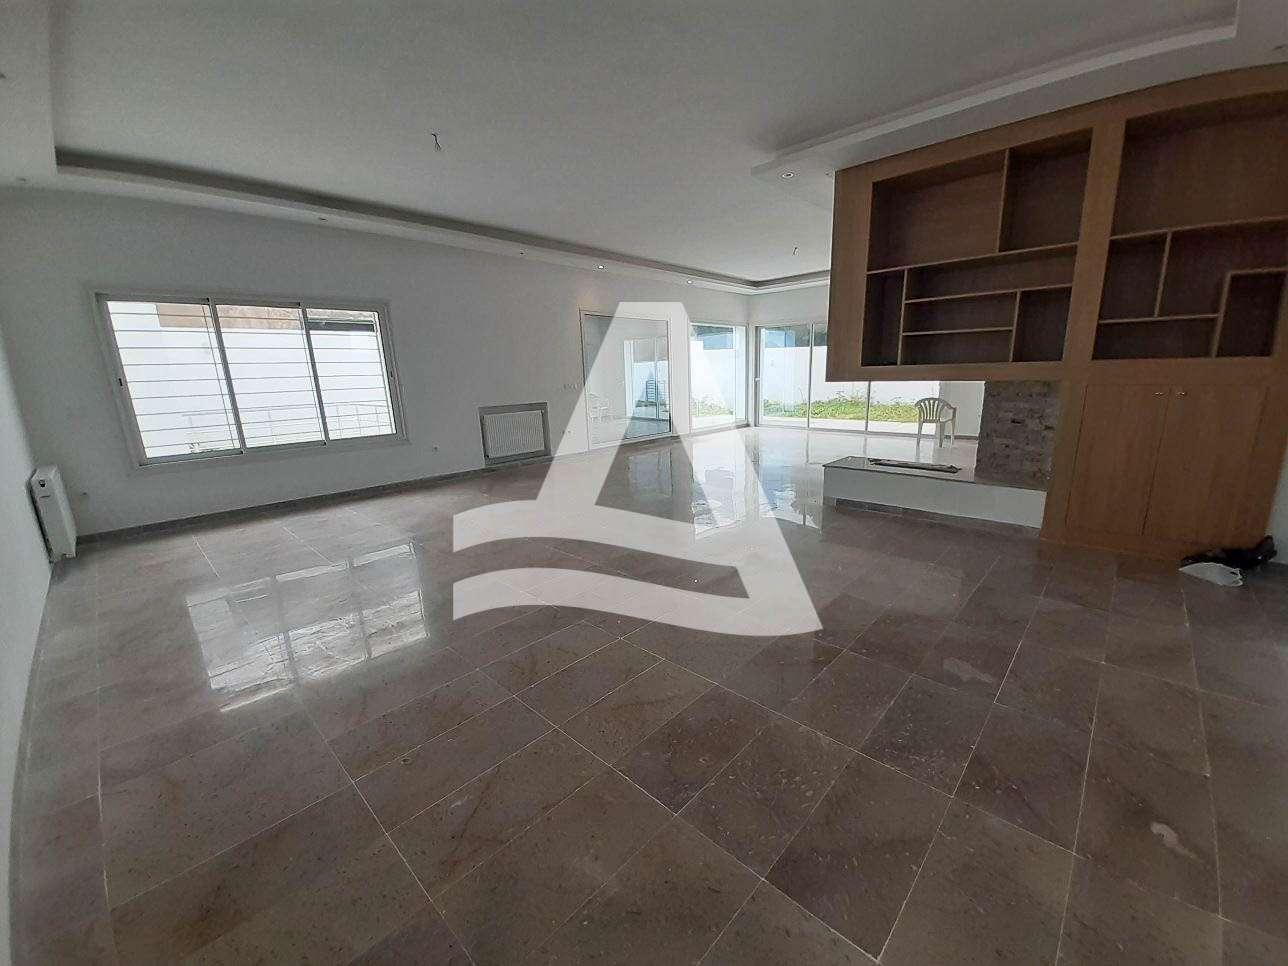 httpss3.amazonaws.comlogimoawsarcane_immobiliere_la_marsa_-_location-_vente_la_marsa_-14_1583333549989